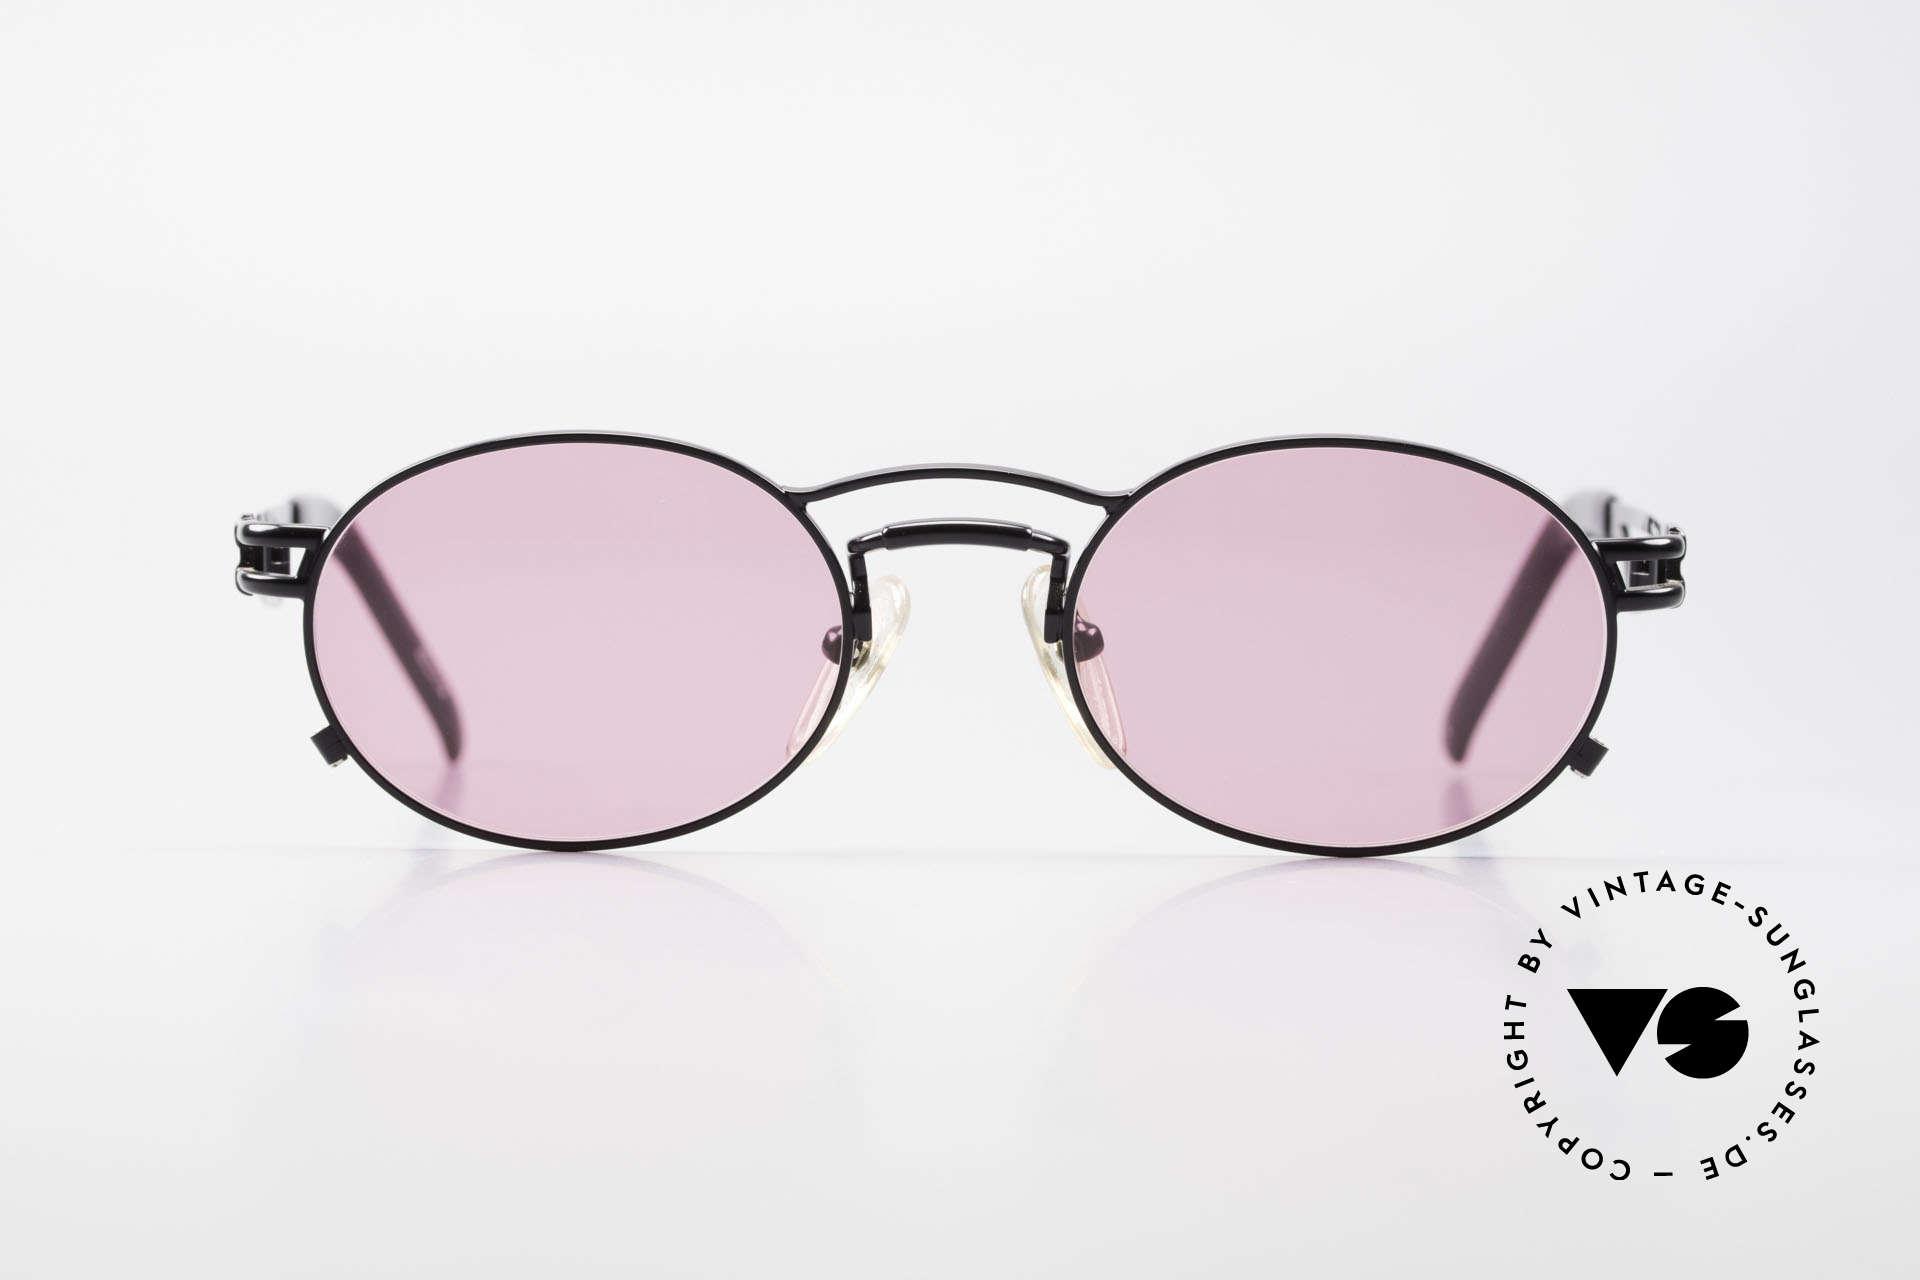 Jean Paul Gaultier 56-3173 Pinke Ovale Vintage Brille, echte Spitzenqualität und ein überragender Tragekomfort, Passend für Herren und Damen